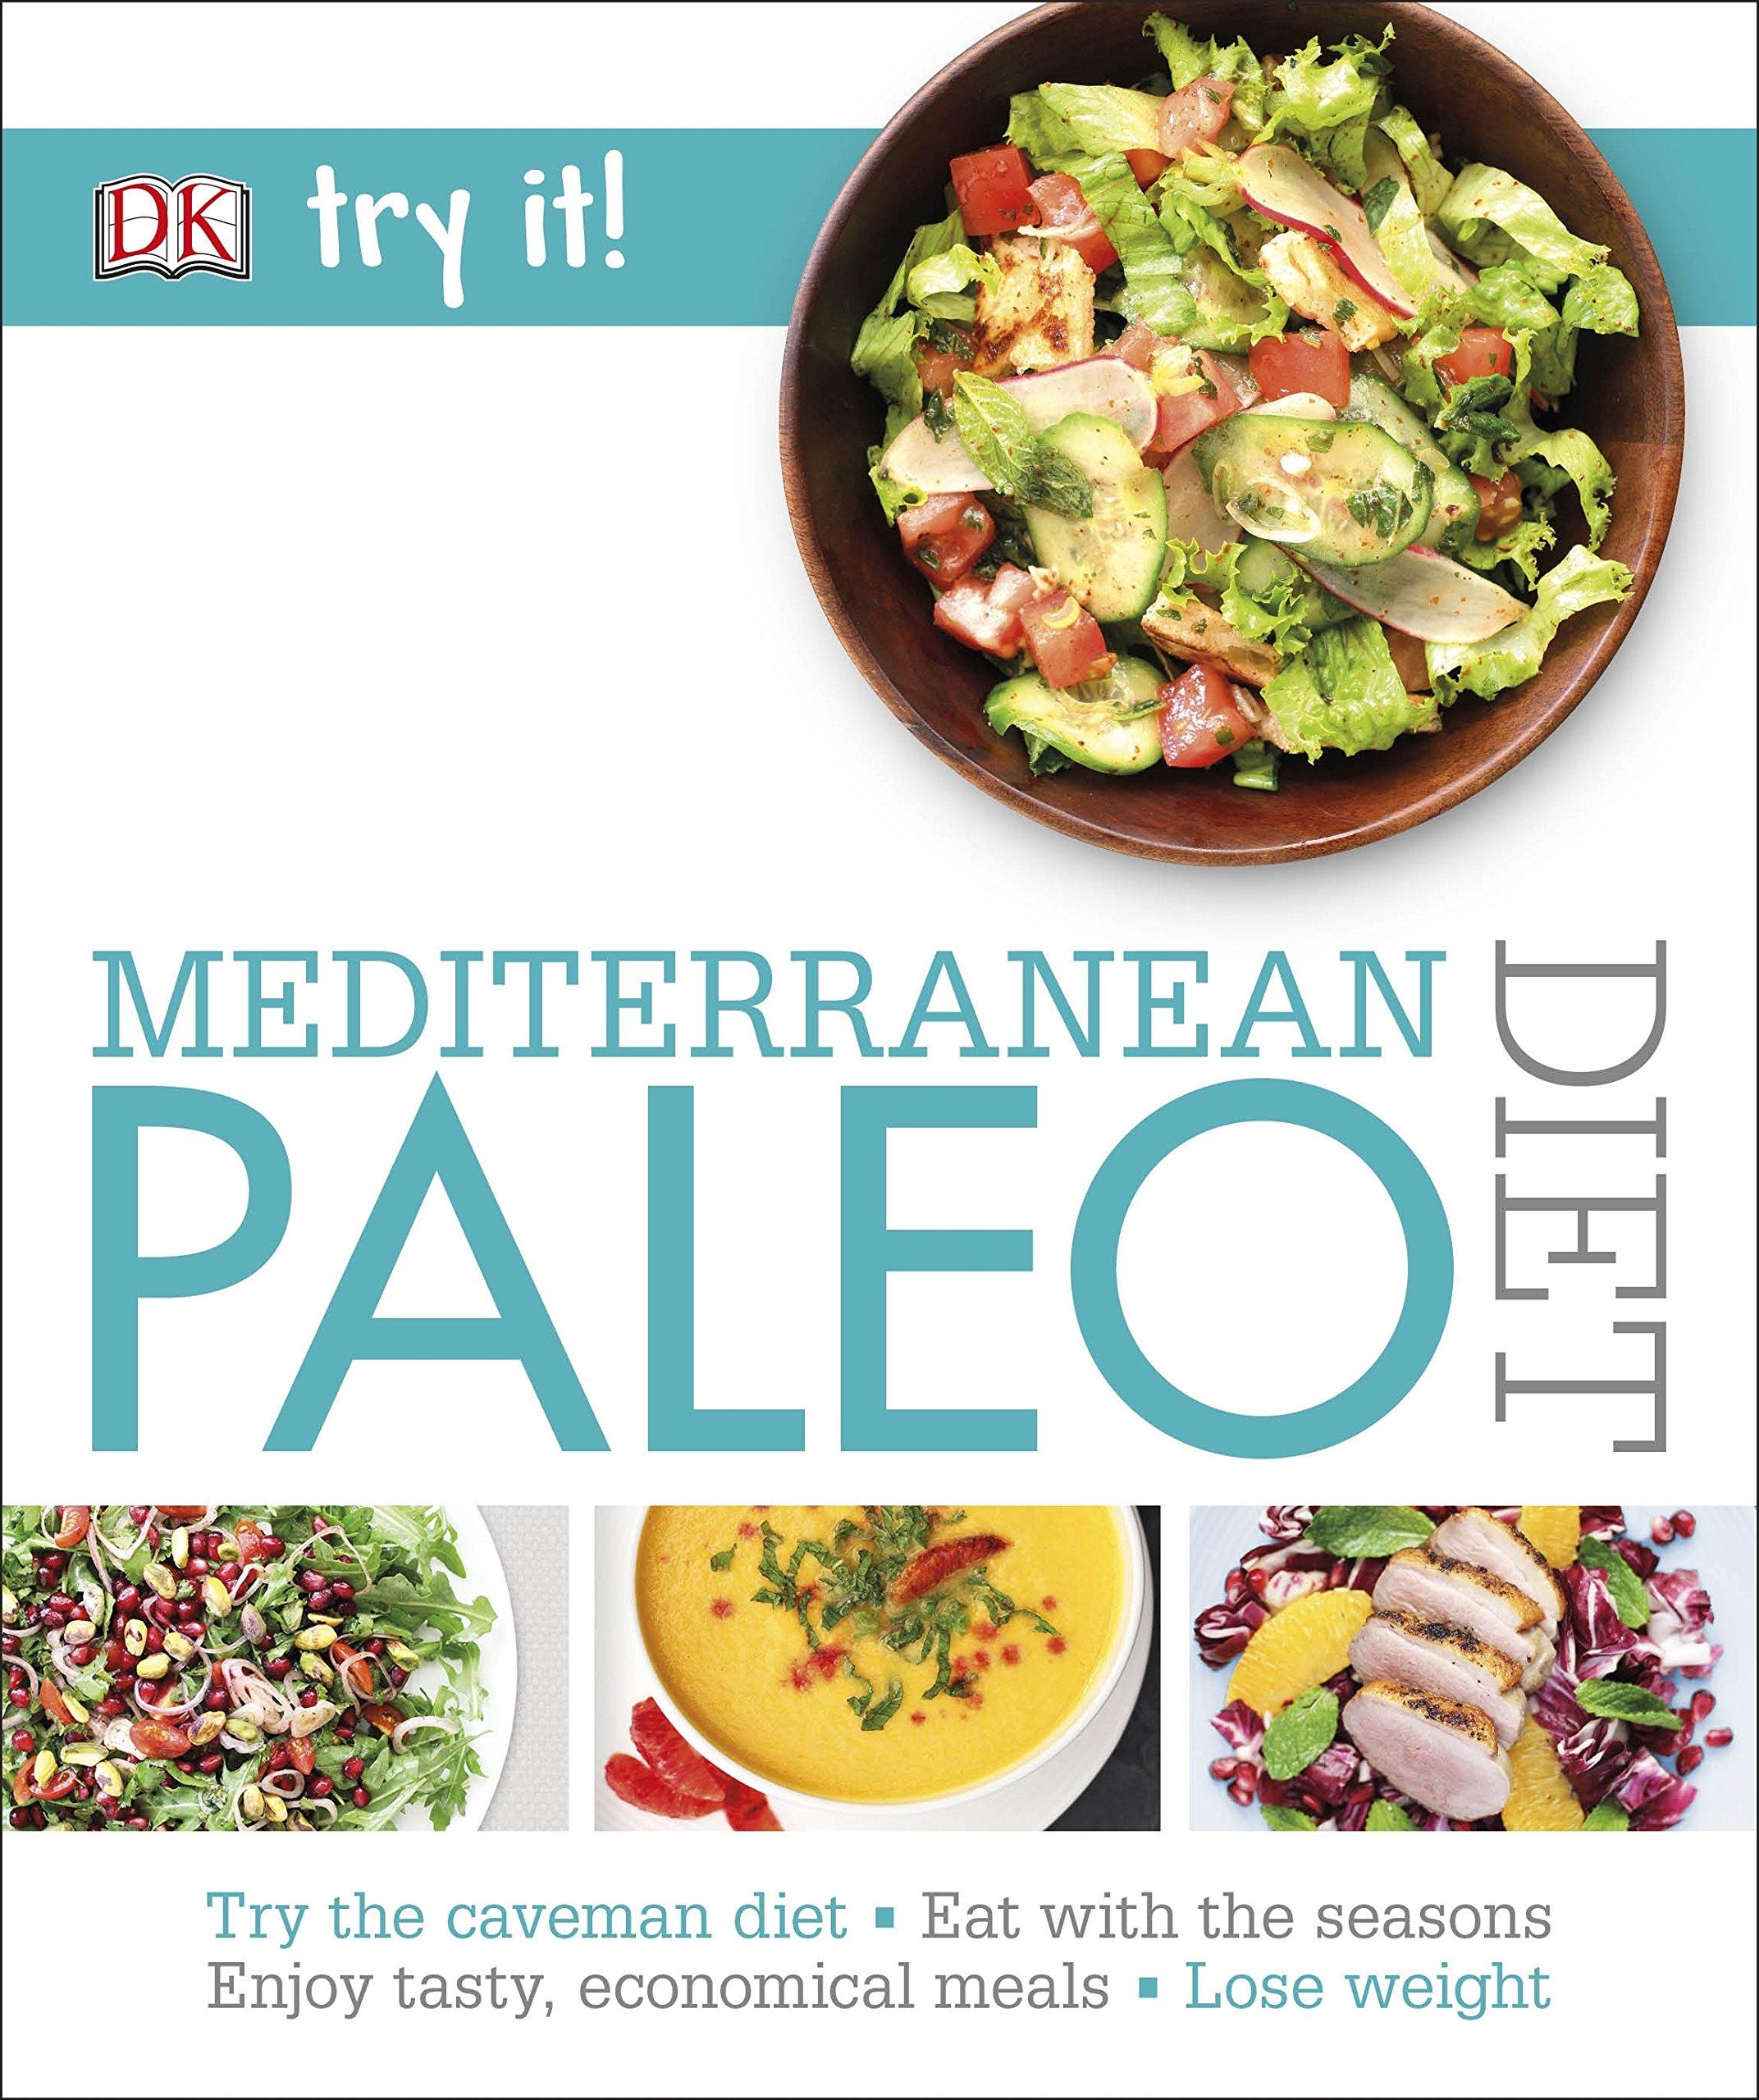 what is the mediterranean paleo diet?